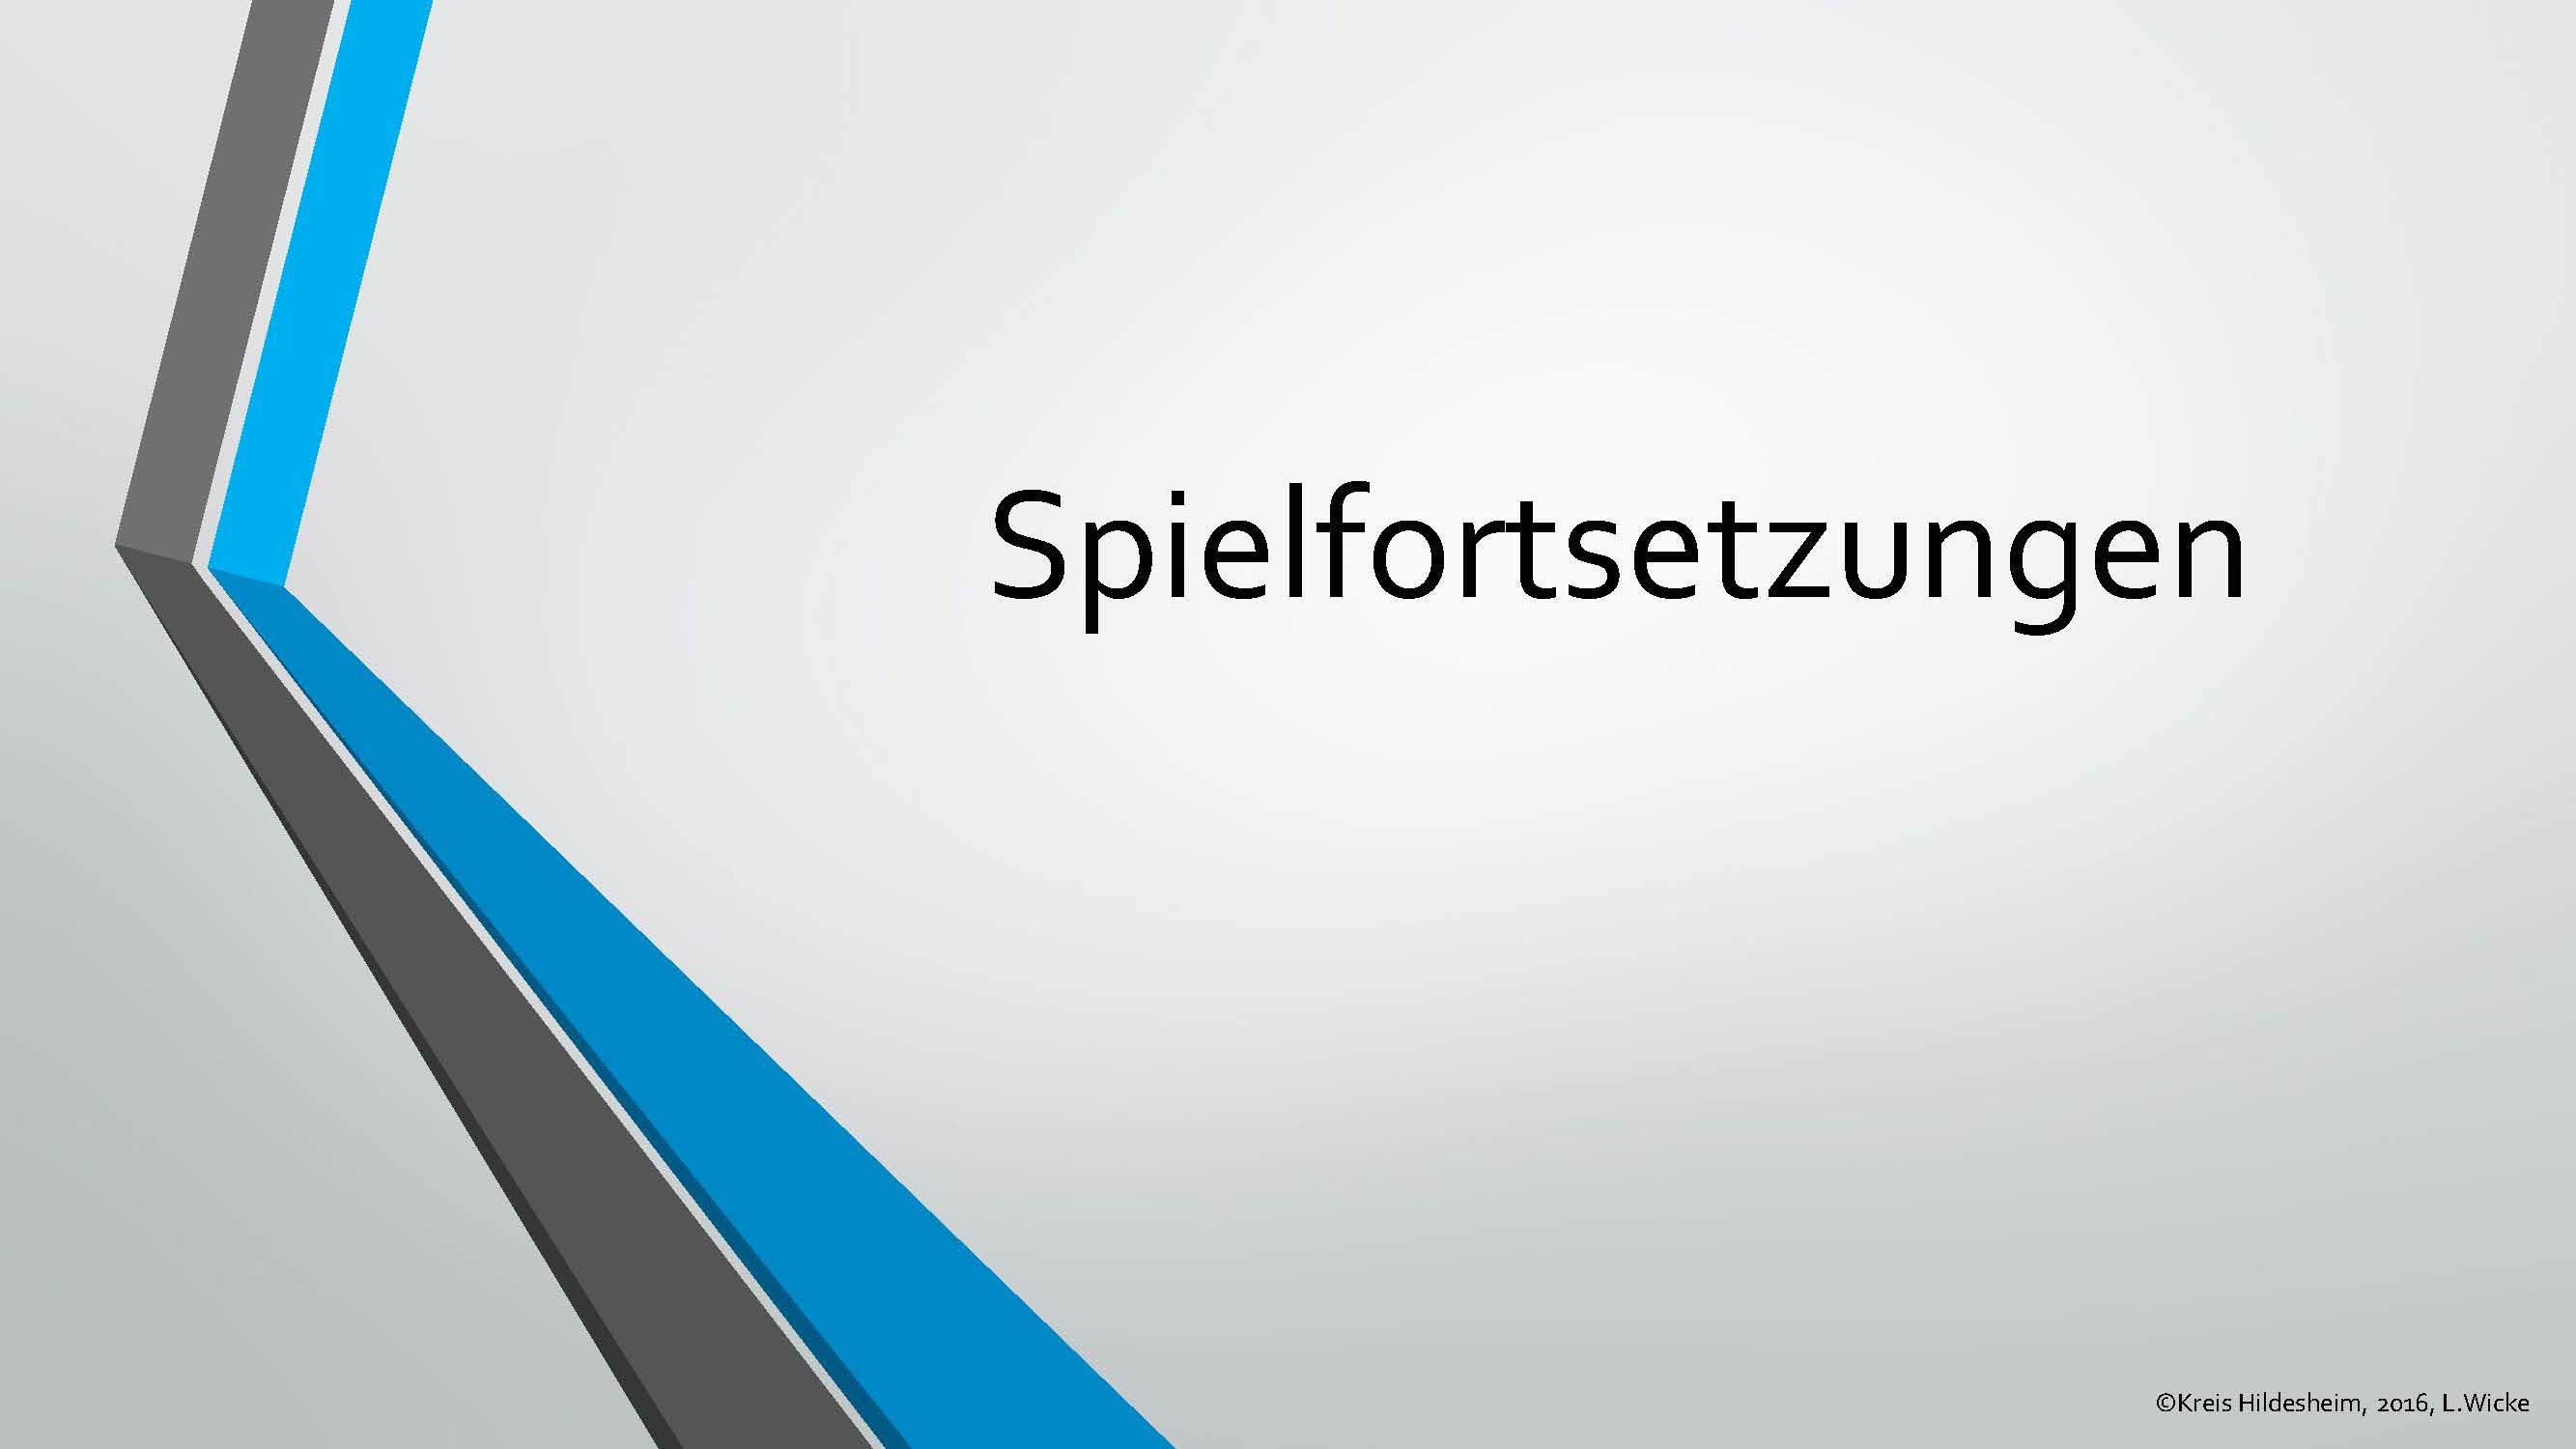 Spielfortsetzungen KSL Hildesheim 2016